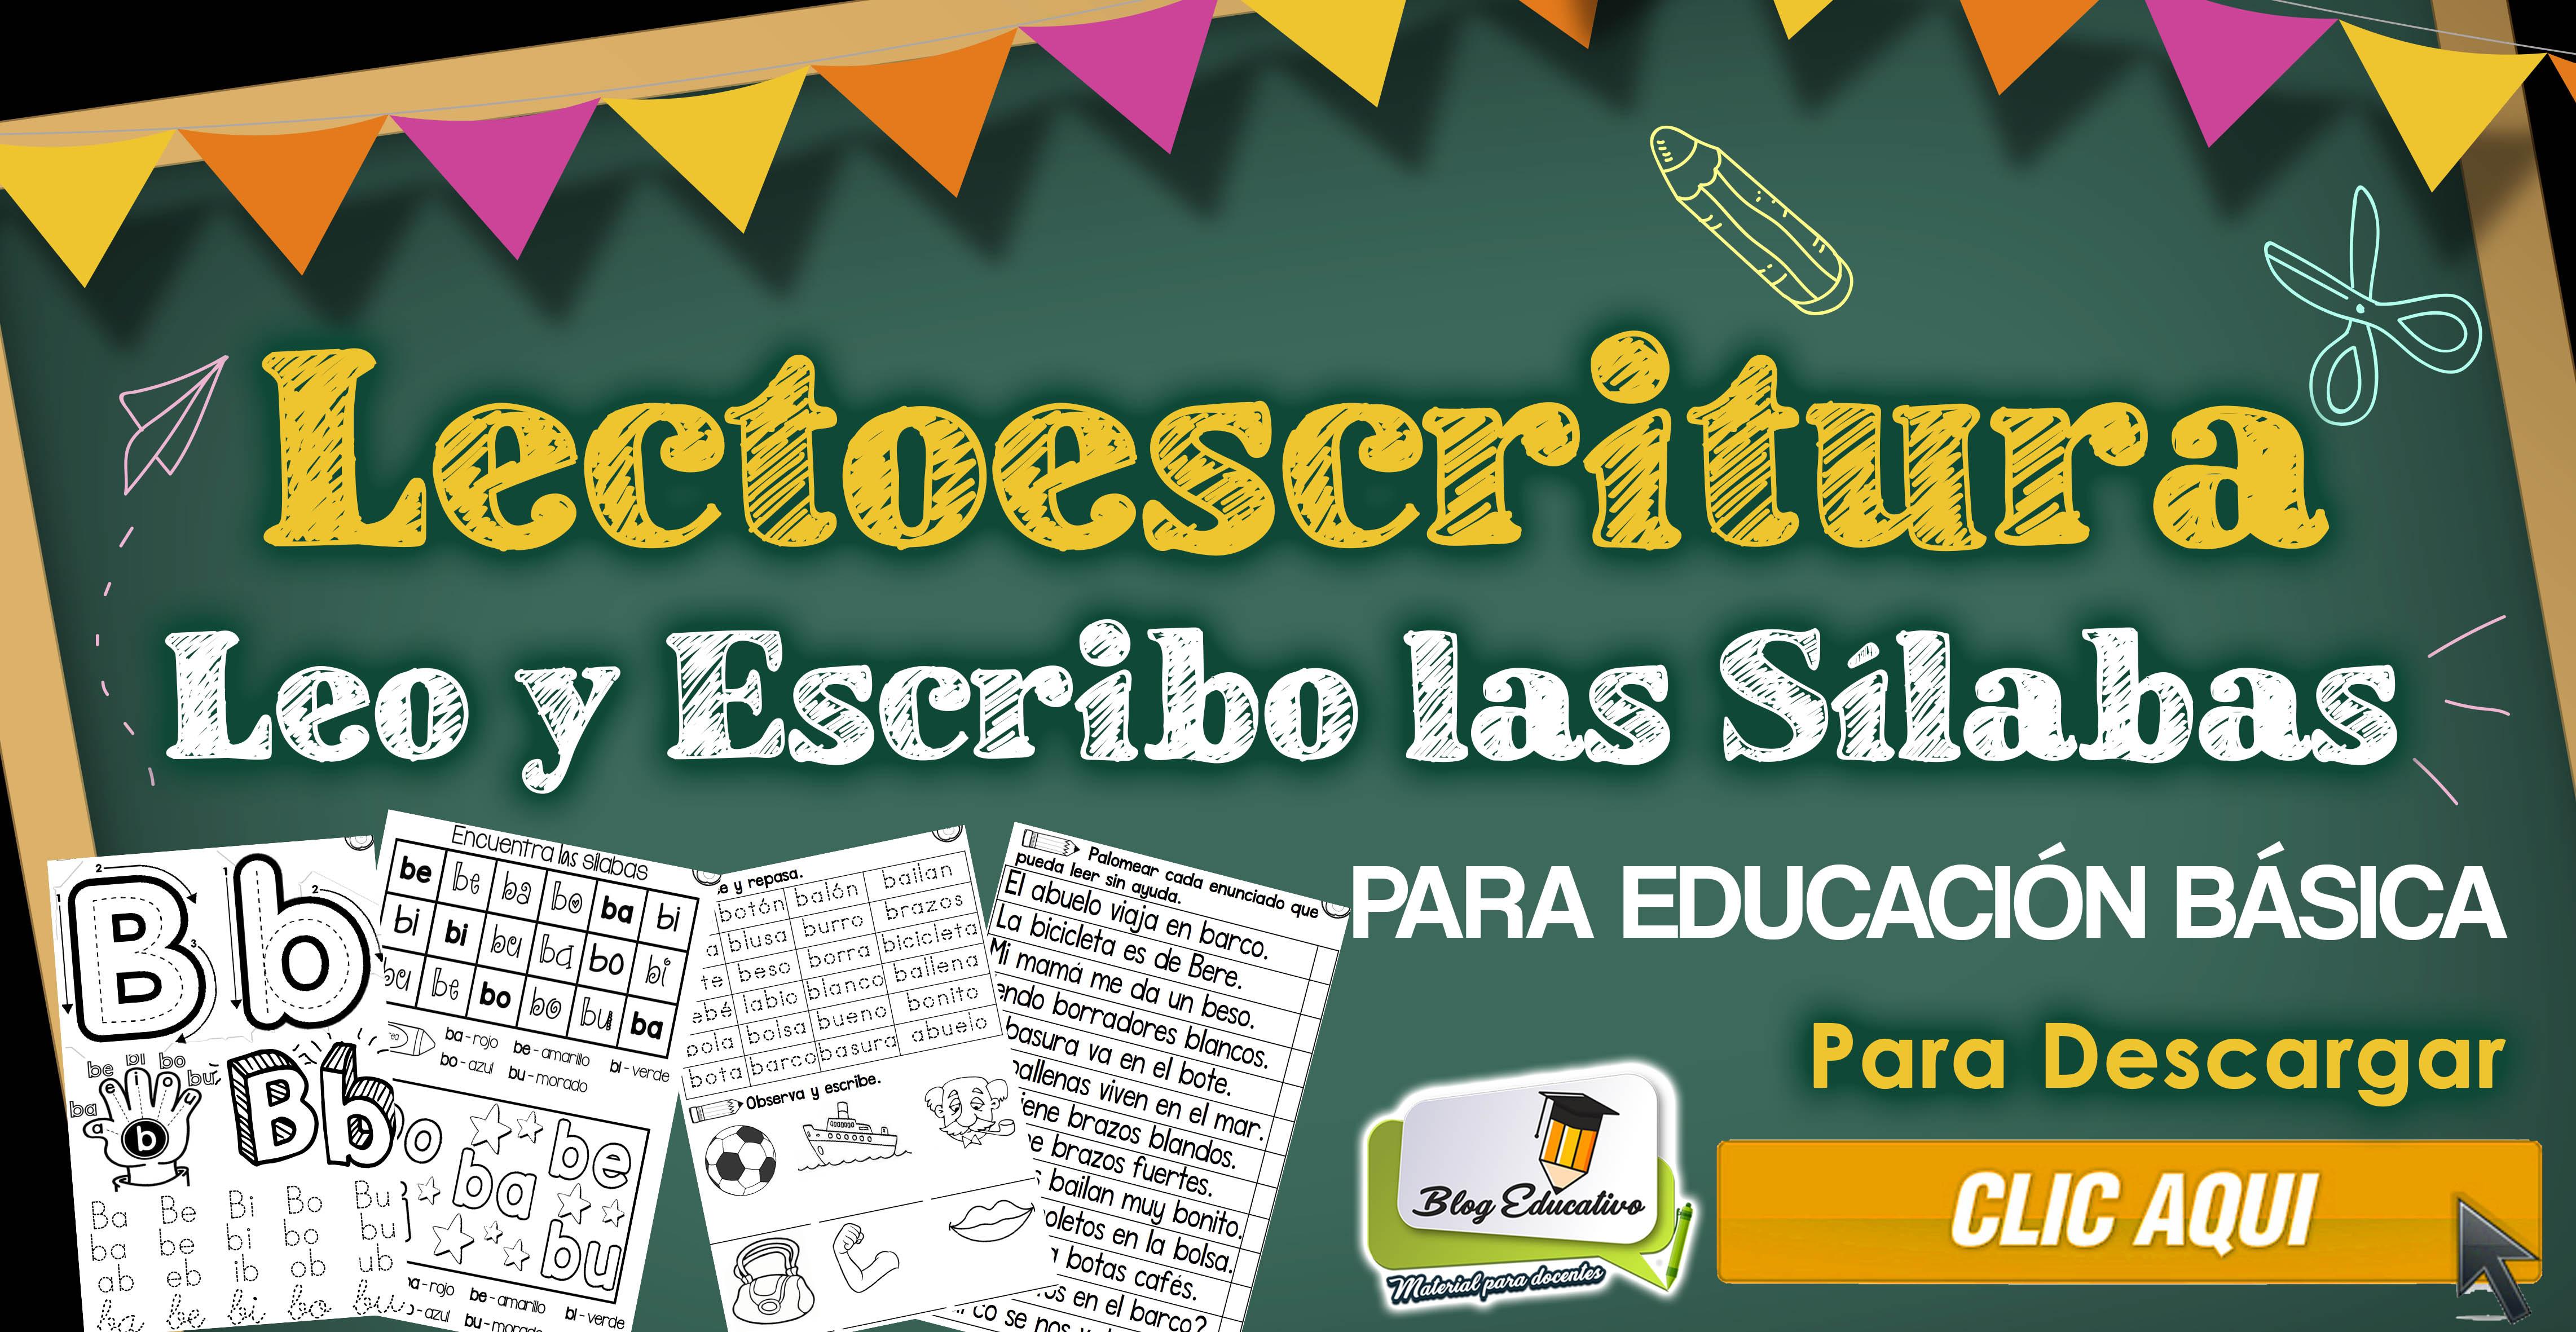 Lectoescritura leer y escribir las silabas - Blog Educativo